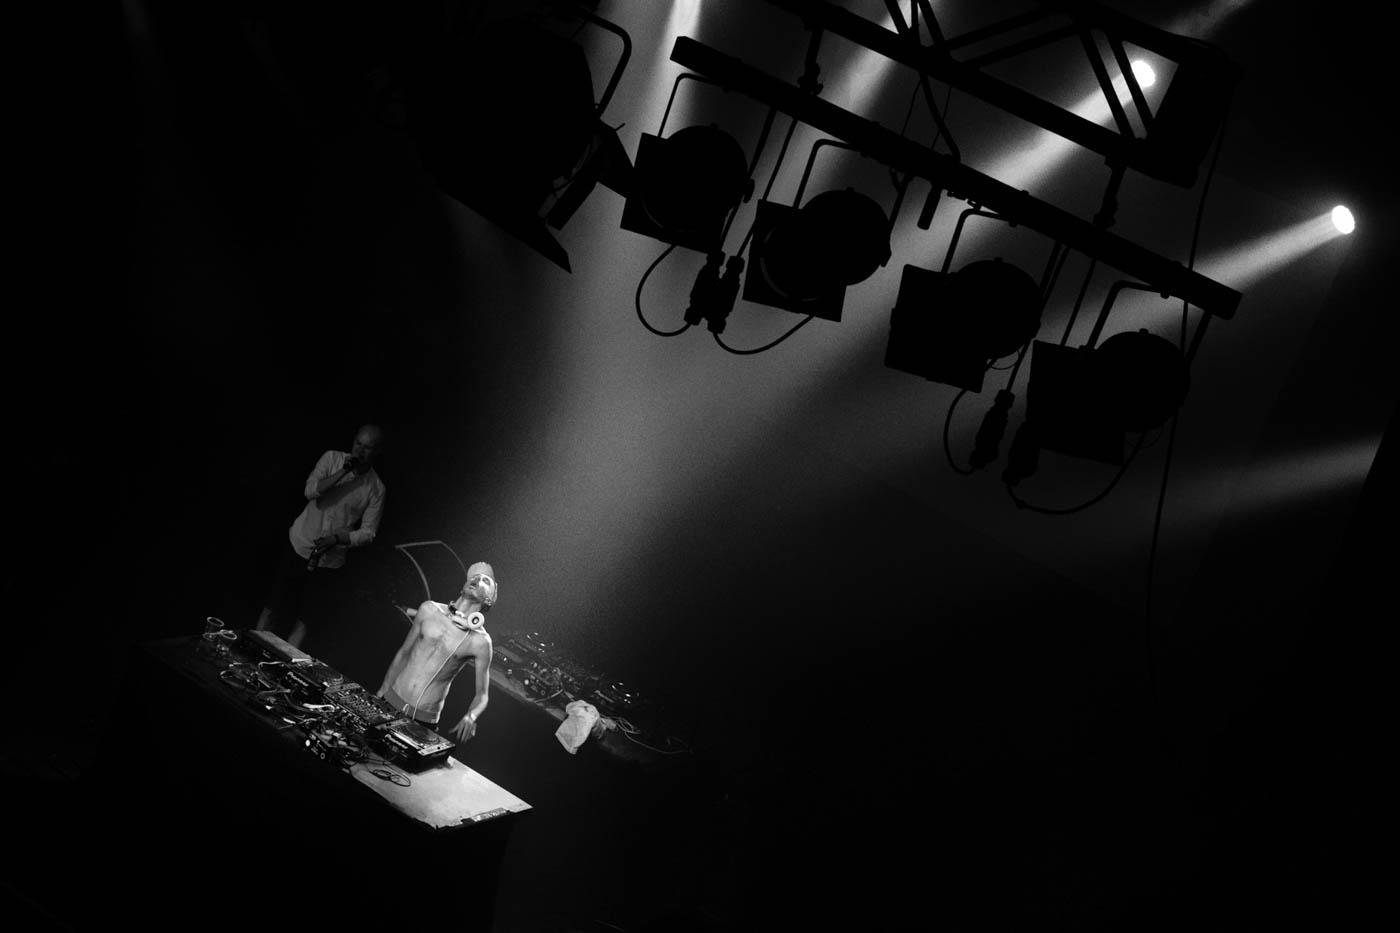 Copyflex at Major Lazer concert at Vega, Copenhagen, 2012